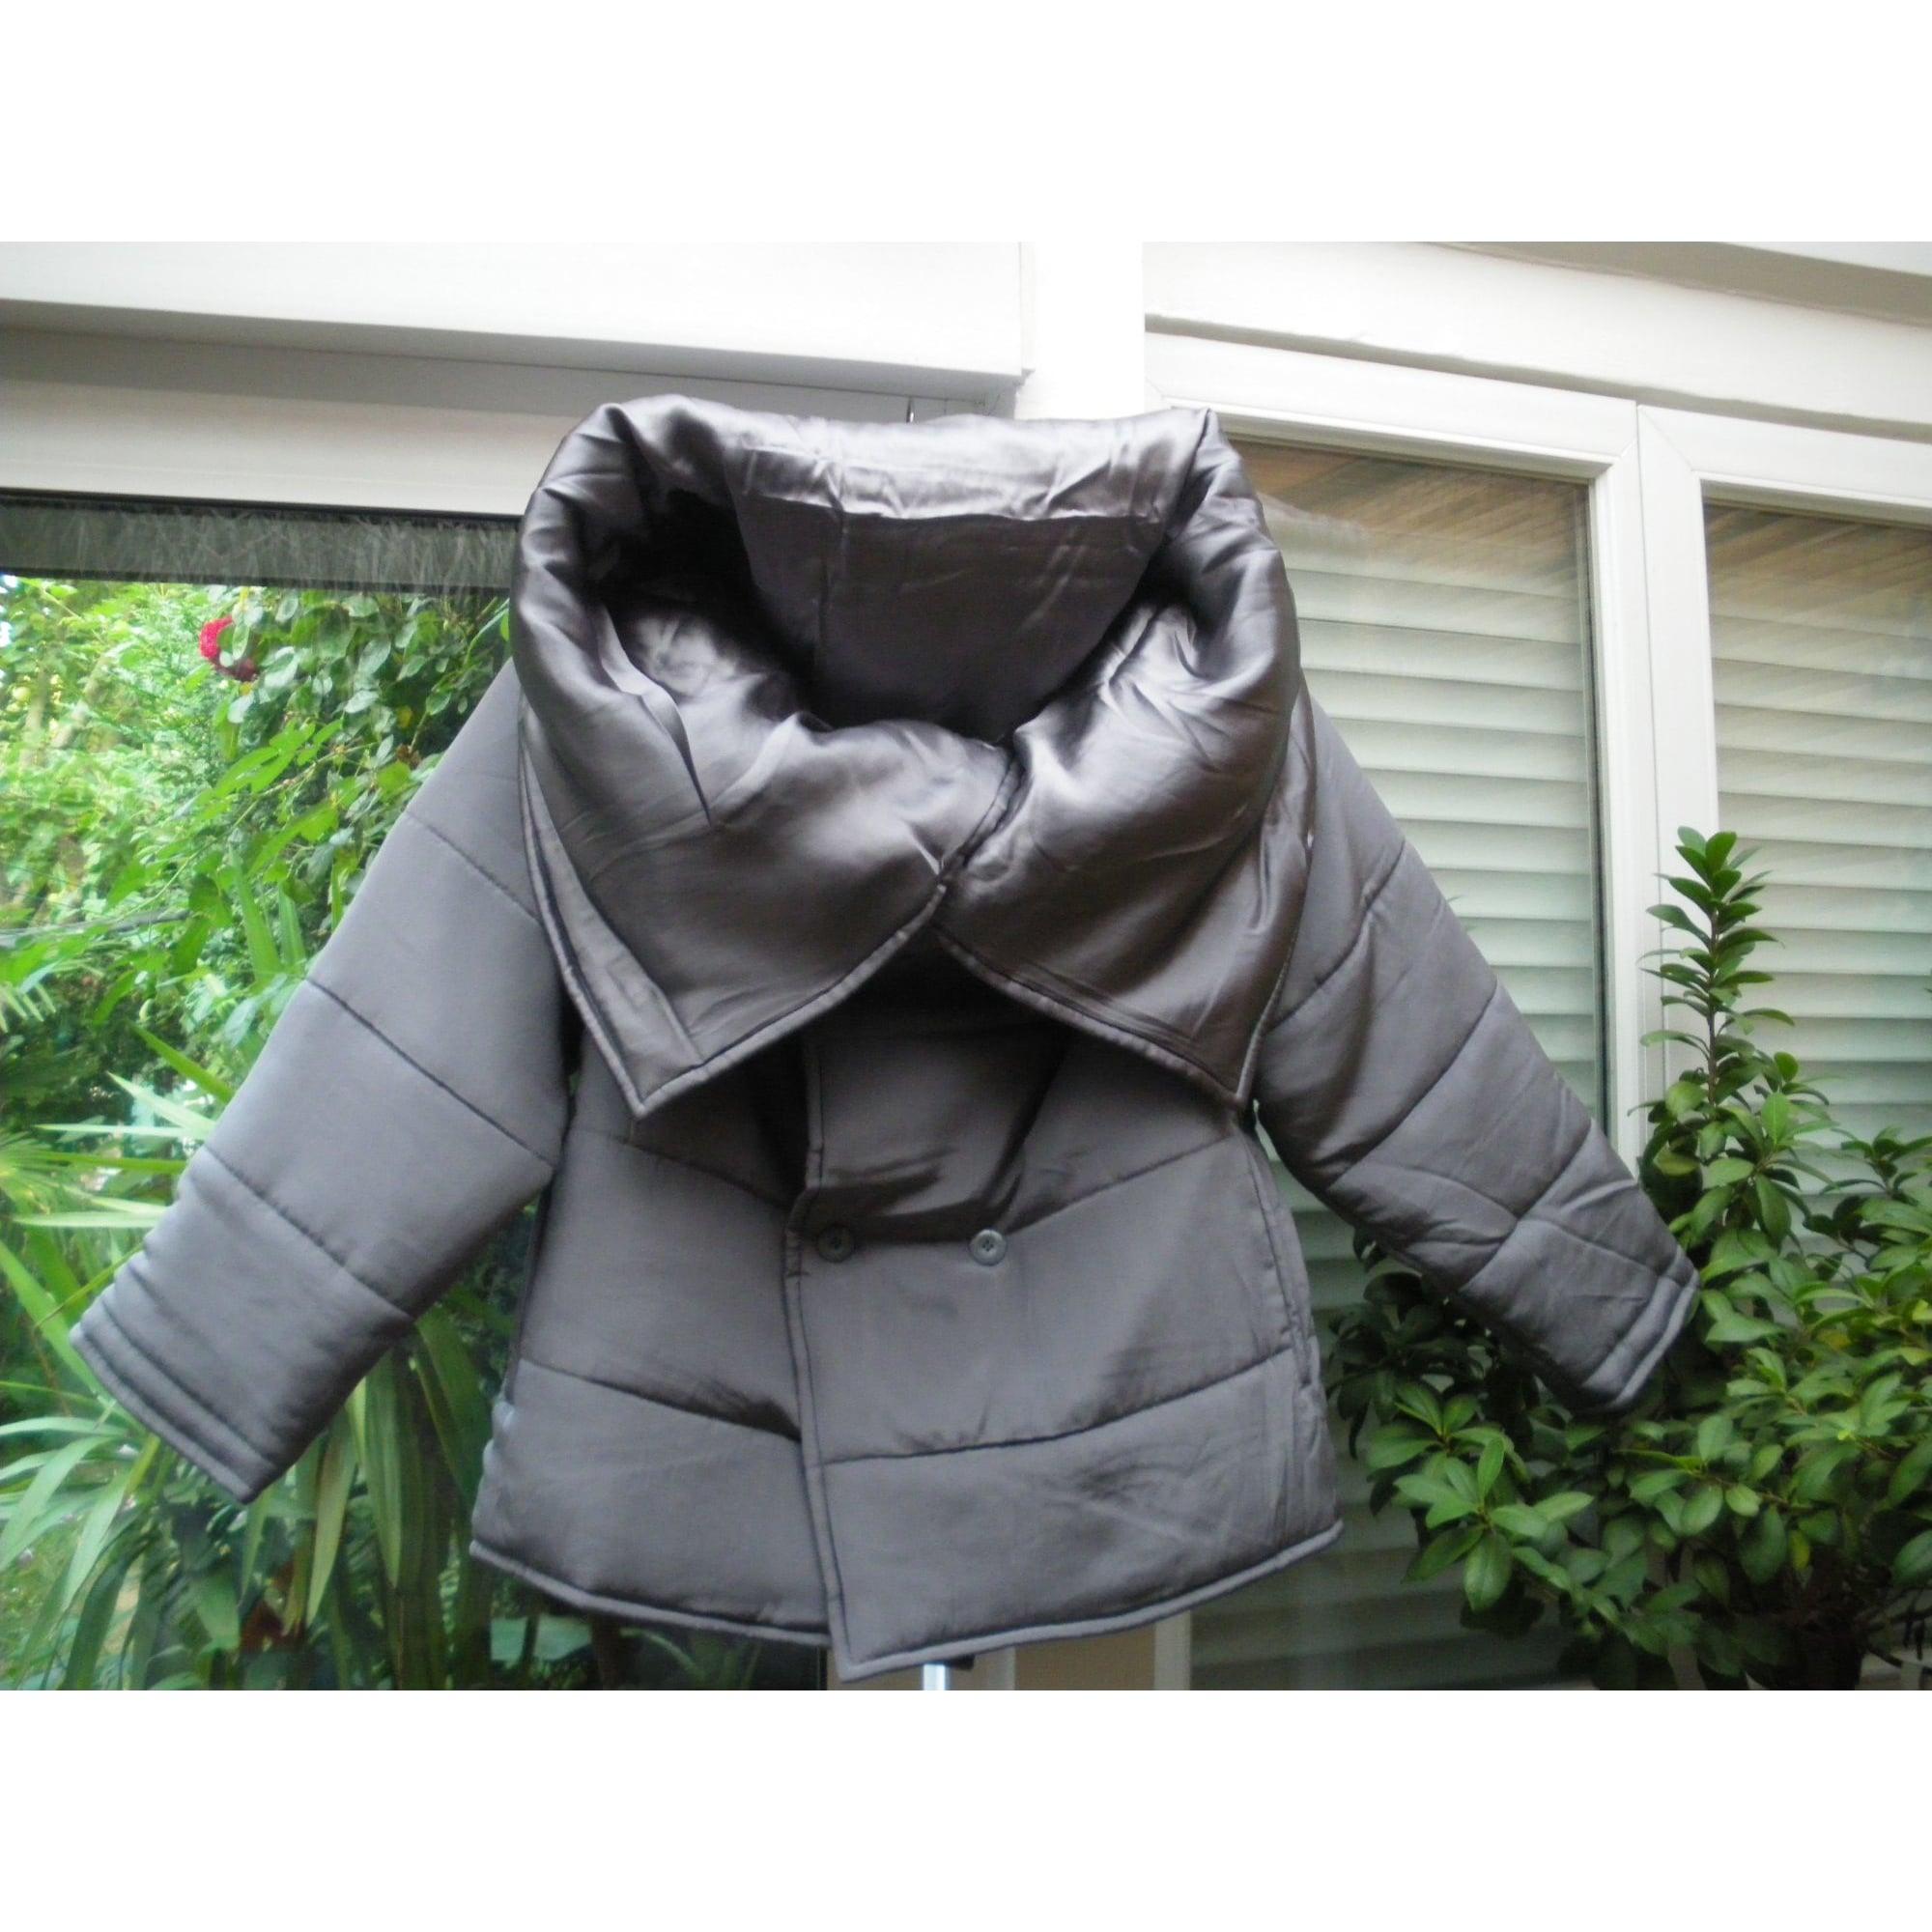 Excellente qualité vente chaude en vente en ligne Doudoune JEAN PAUL KNOTT POUR LES 3 SUISSES